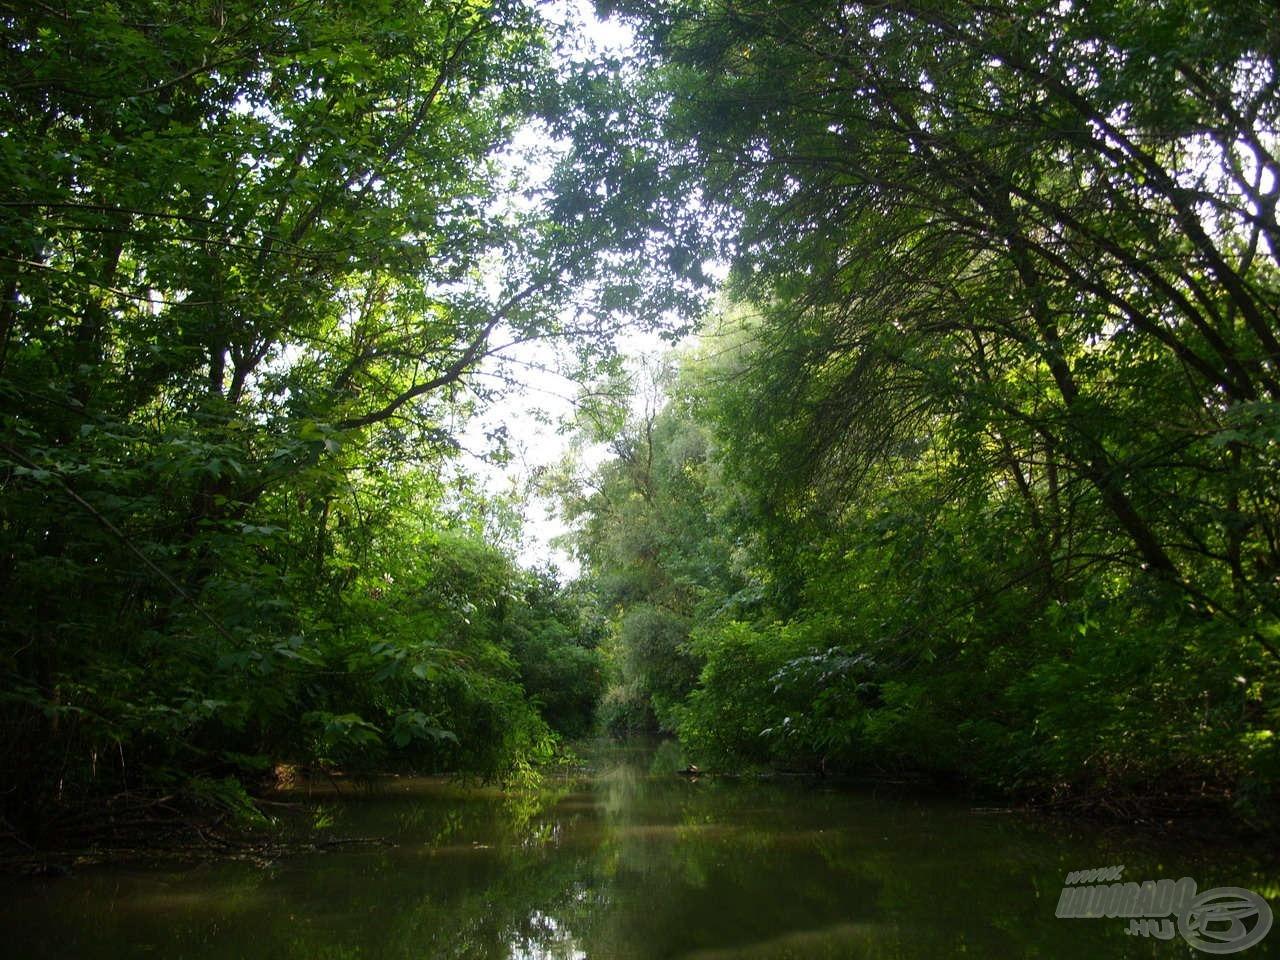 Rengeteg csatorna található a tározó majd minden szakaszán. Aki háborítatlan természetre vágyik, itt garantáltan megtalálja!